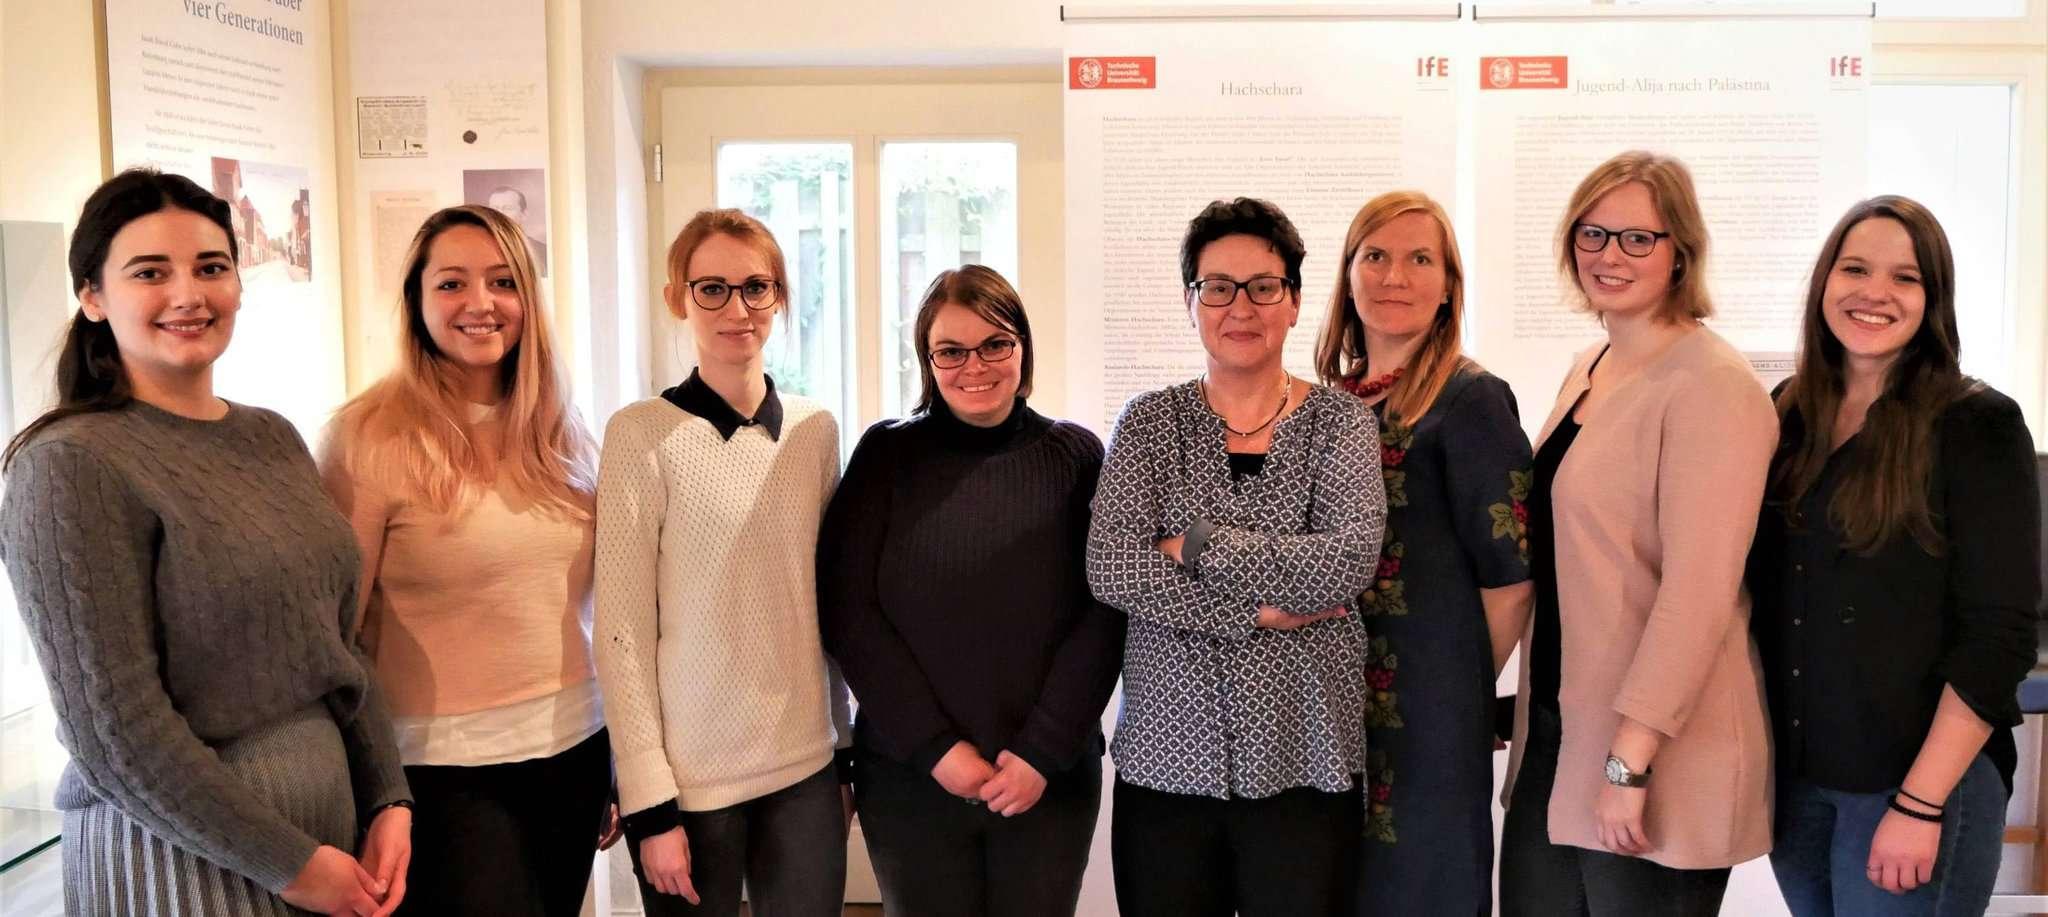 Die Studenten der TU Braunschweig mit Professorin Ulrike Pilarczyk (vierte von rechts) bei der Ausstellungseröffnung in der Cohn Scheune.